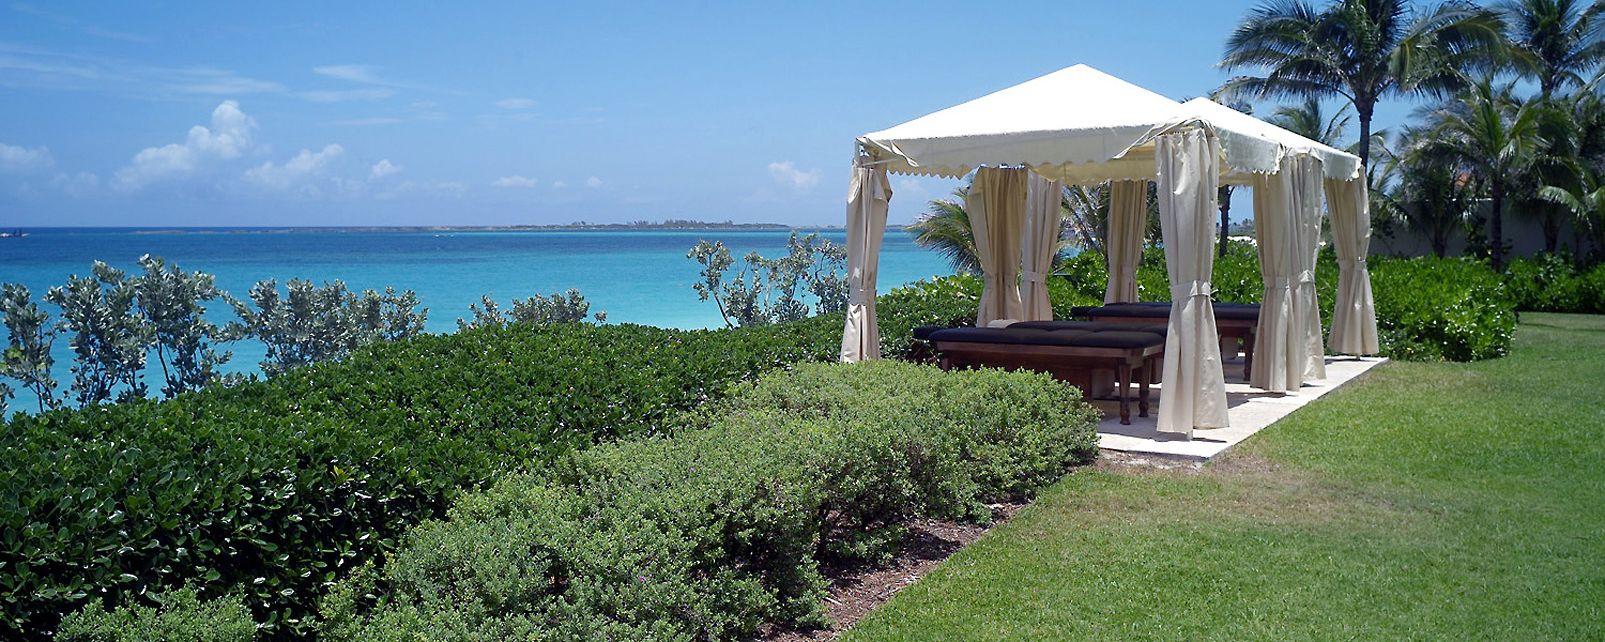 Hotel Four Seasons Ocean Club